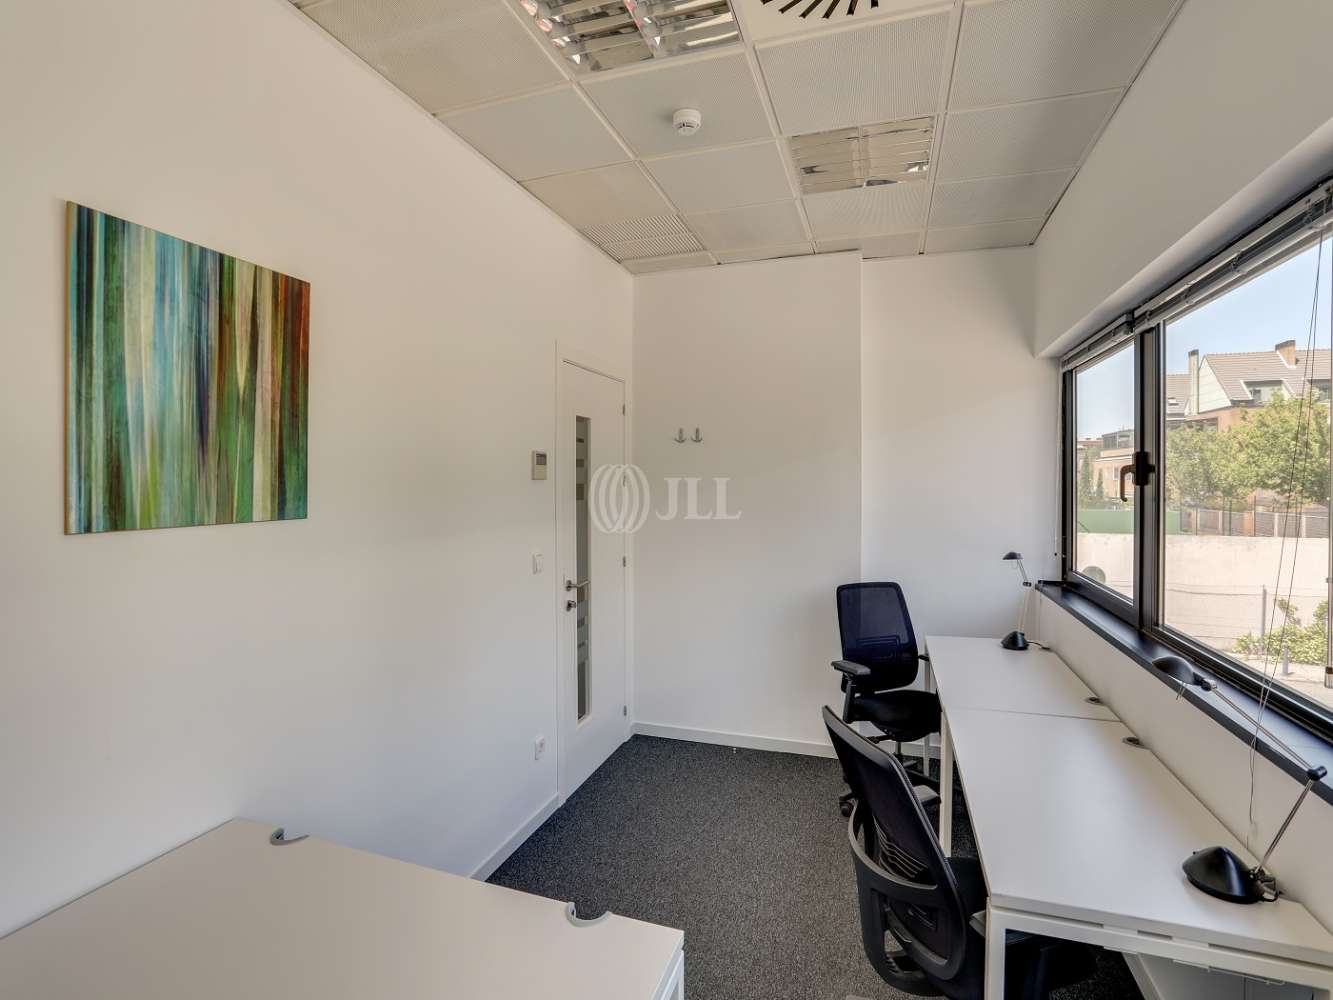 Oficina Las rozas de madrid, 28232 - Coworking - Las Rozas - 20148